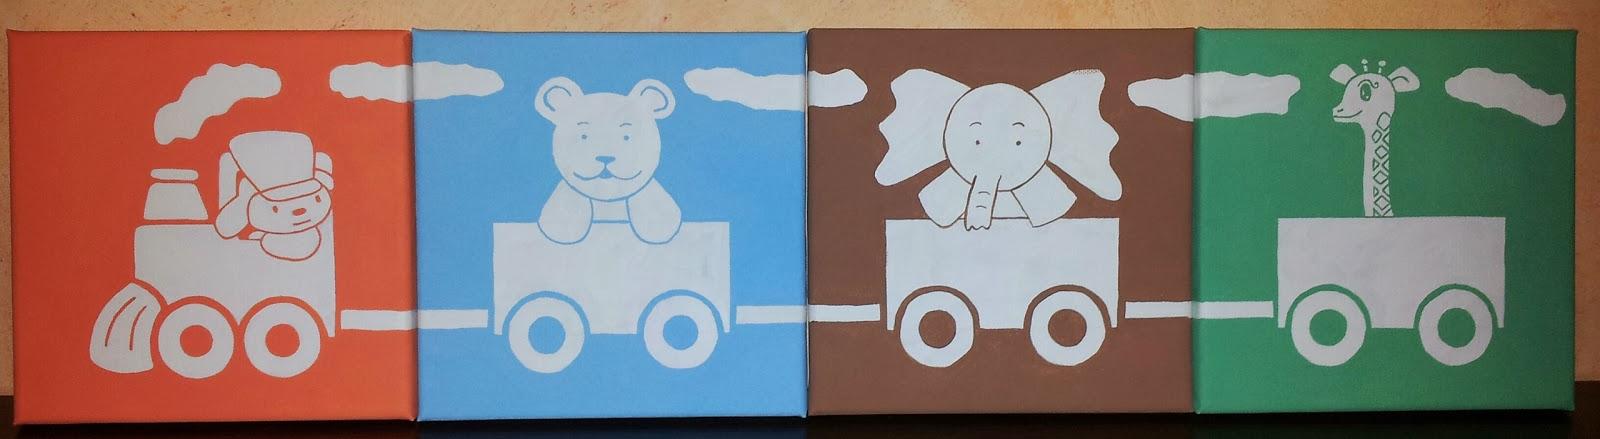 M a n u a l i d a d e s p t conjunto de cuadros para la - Cuadros para habitacion de bebe ...